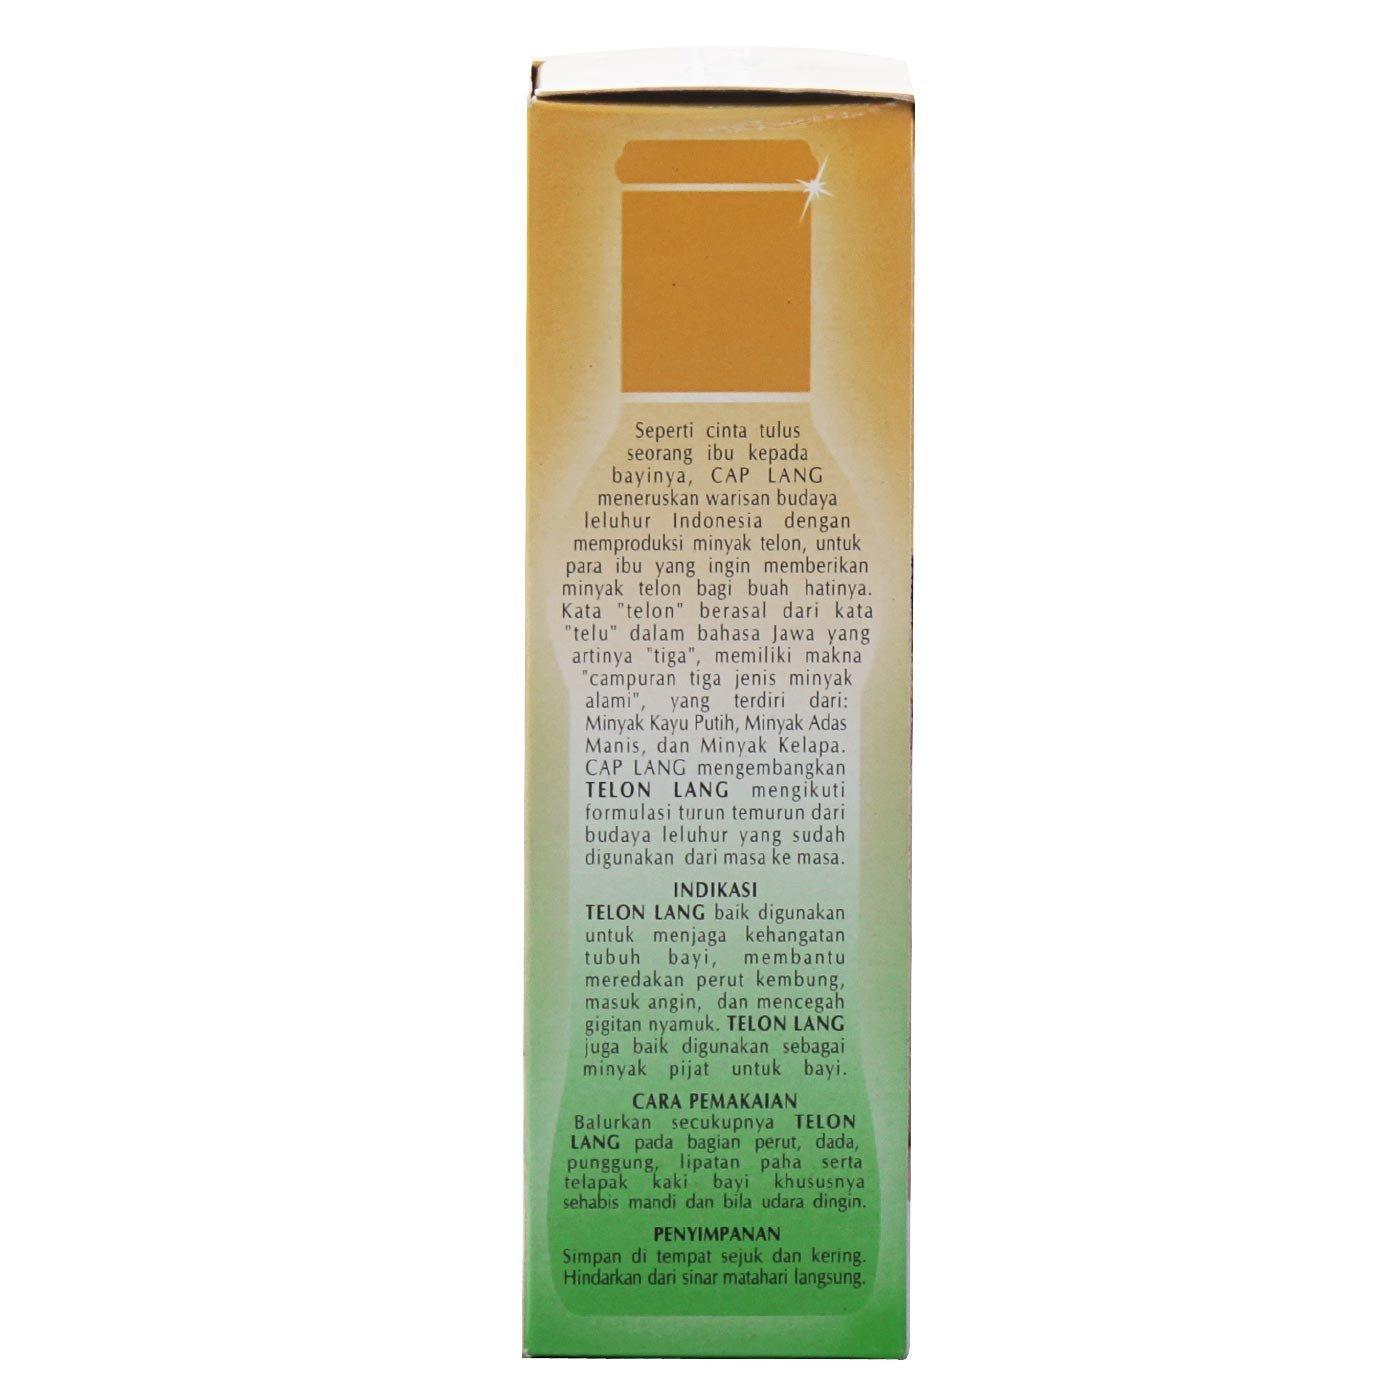 Cap Lang Eagle Brand Telon Oil 30ml Health Minyak Kayu Putih Caplang 60ml Dan Personal Care